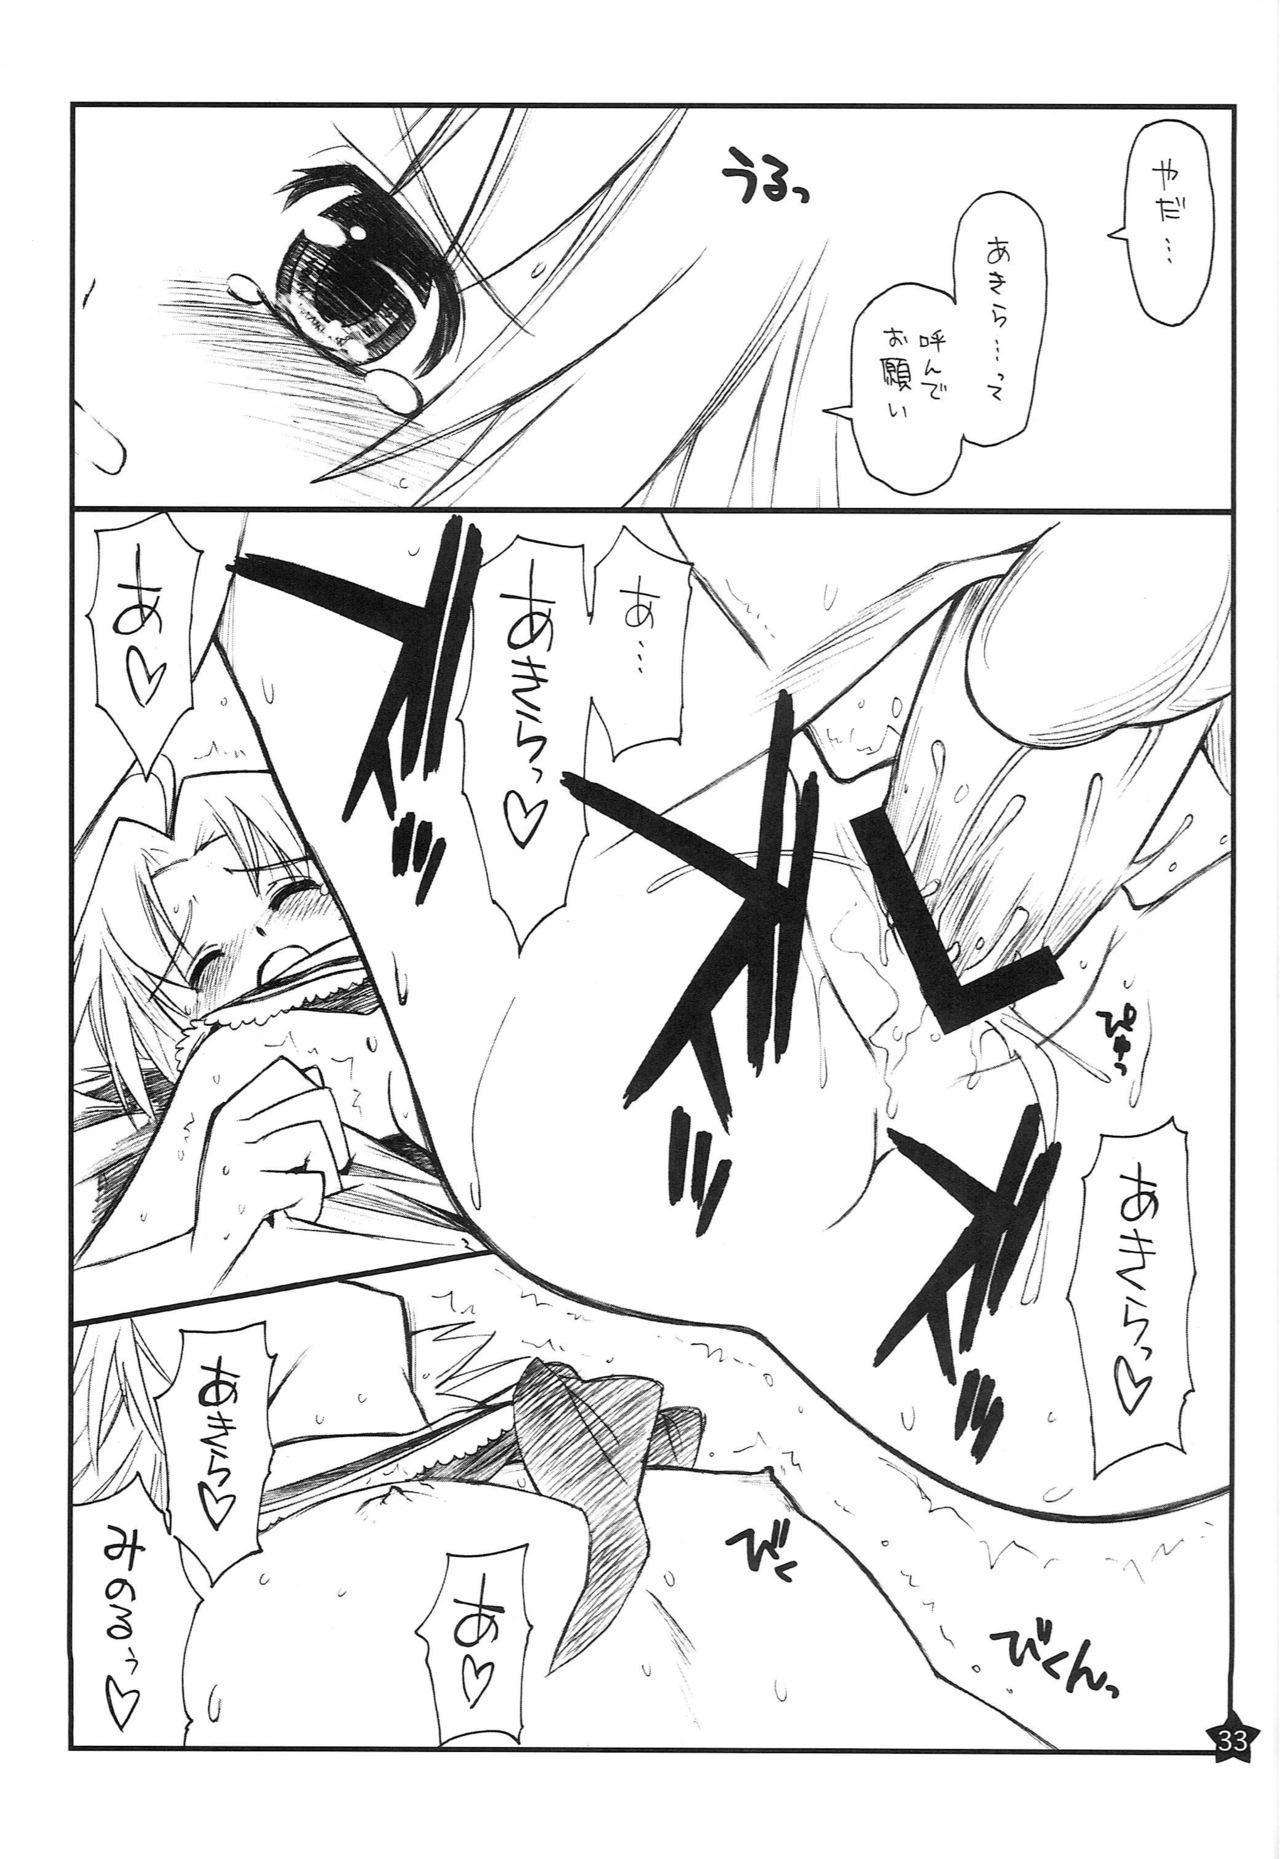 [Girigiri Nijiiro (Kamino Ryu-ya)] Ohirune Shitetara Kona-chan to Onee-chan ga Kona-chan no Oji-san ni... (Lucky Star) [2009-06-09] 31